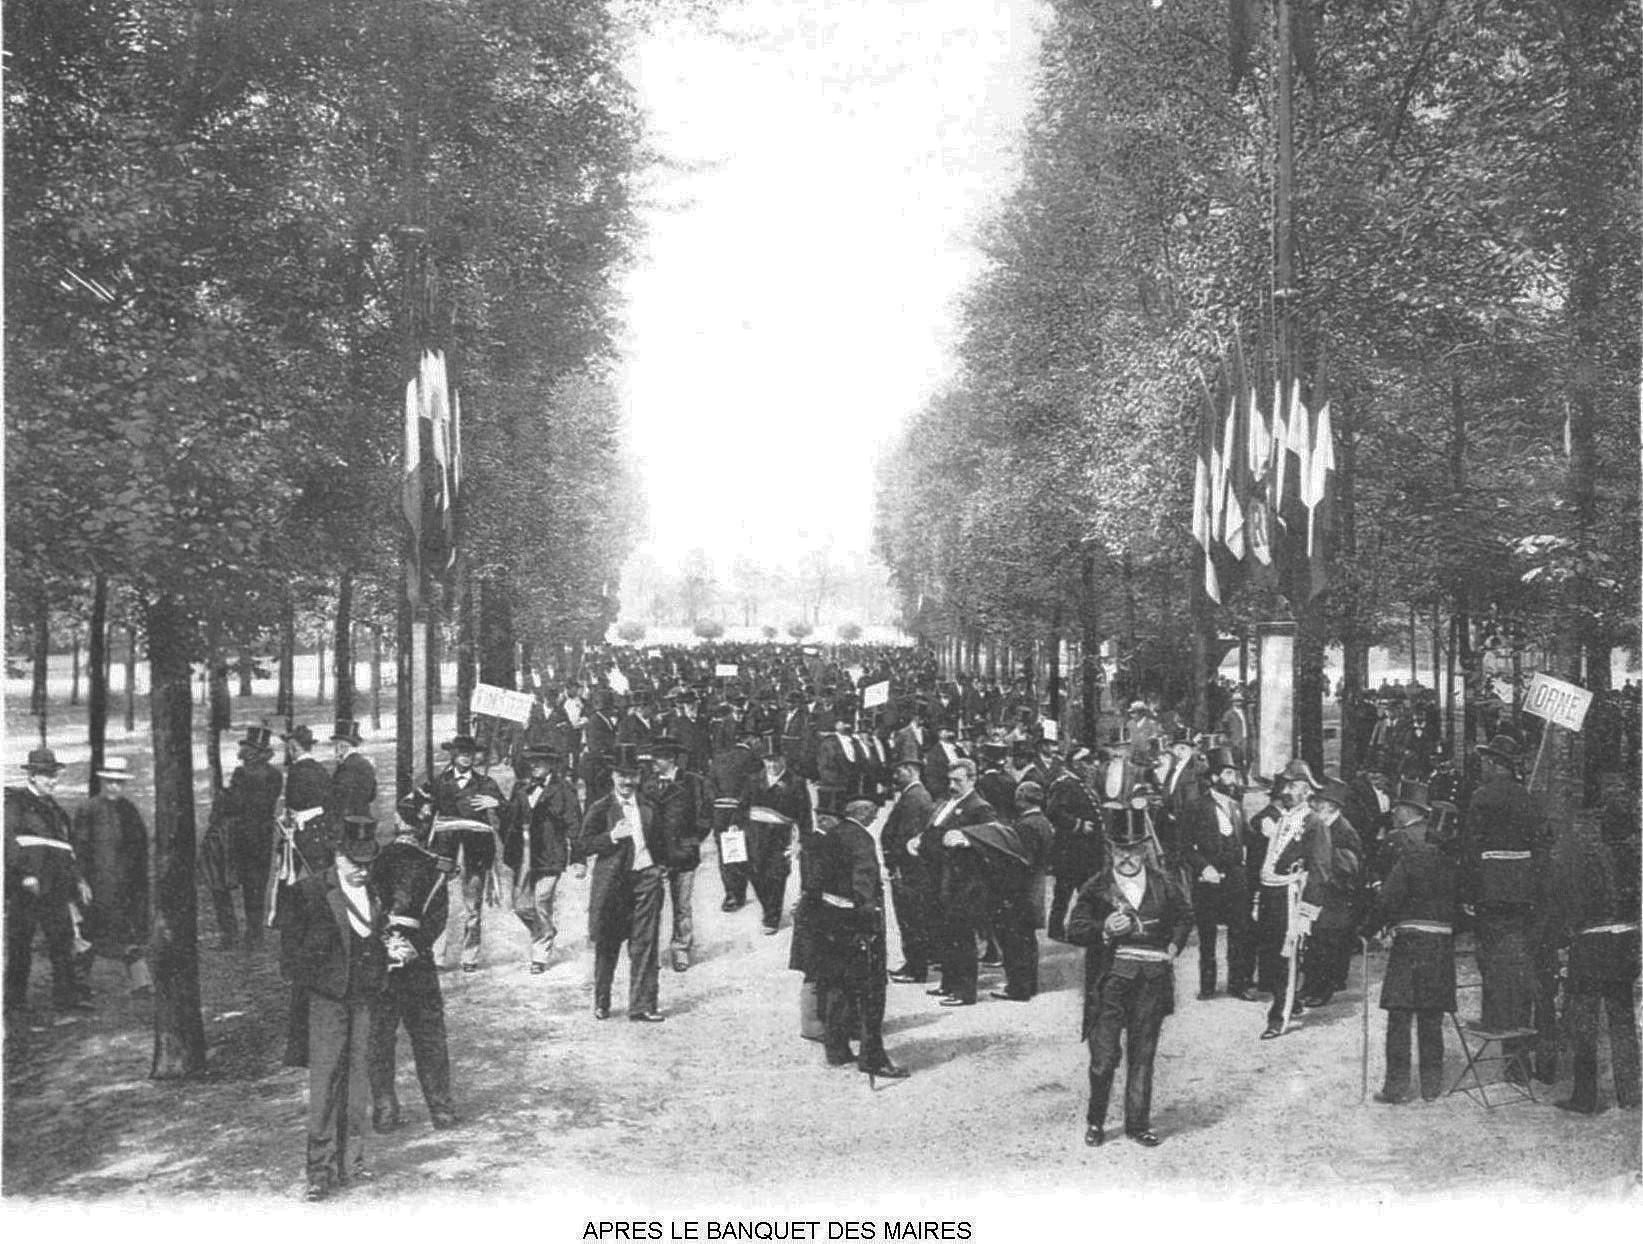 Ressources histoire exposition universelle 1900 apres le banquet des maires